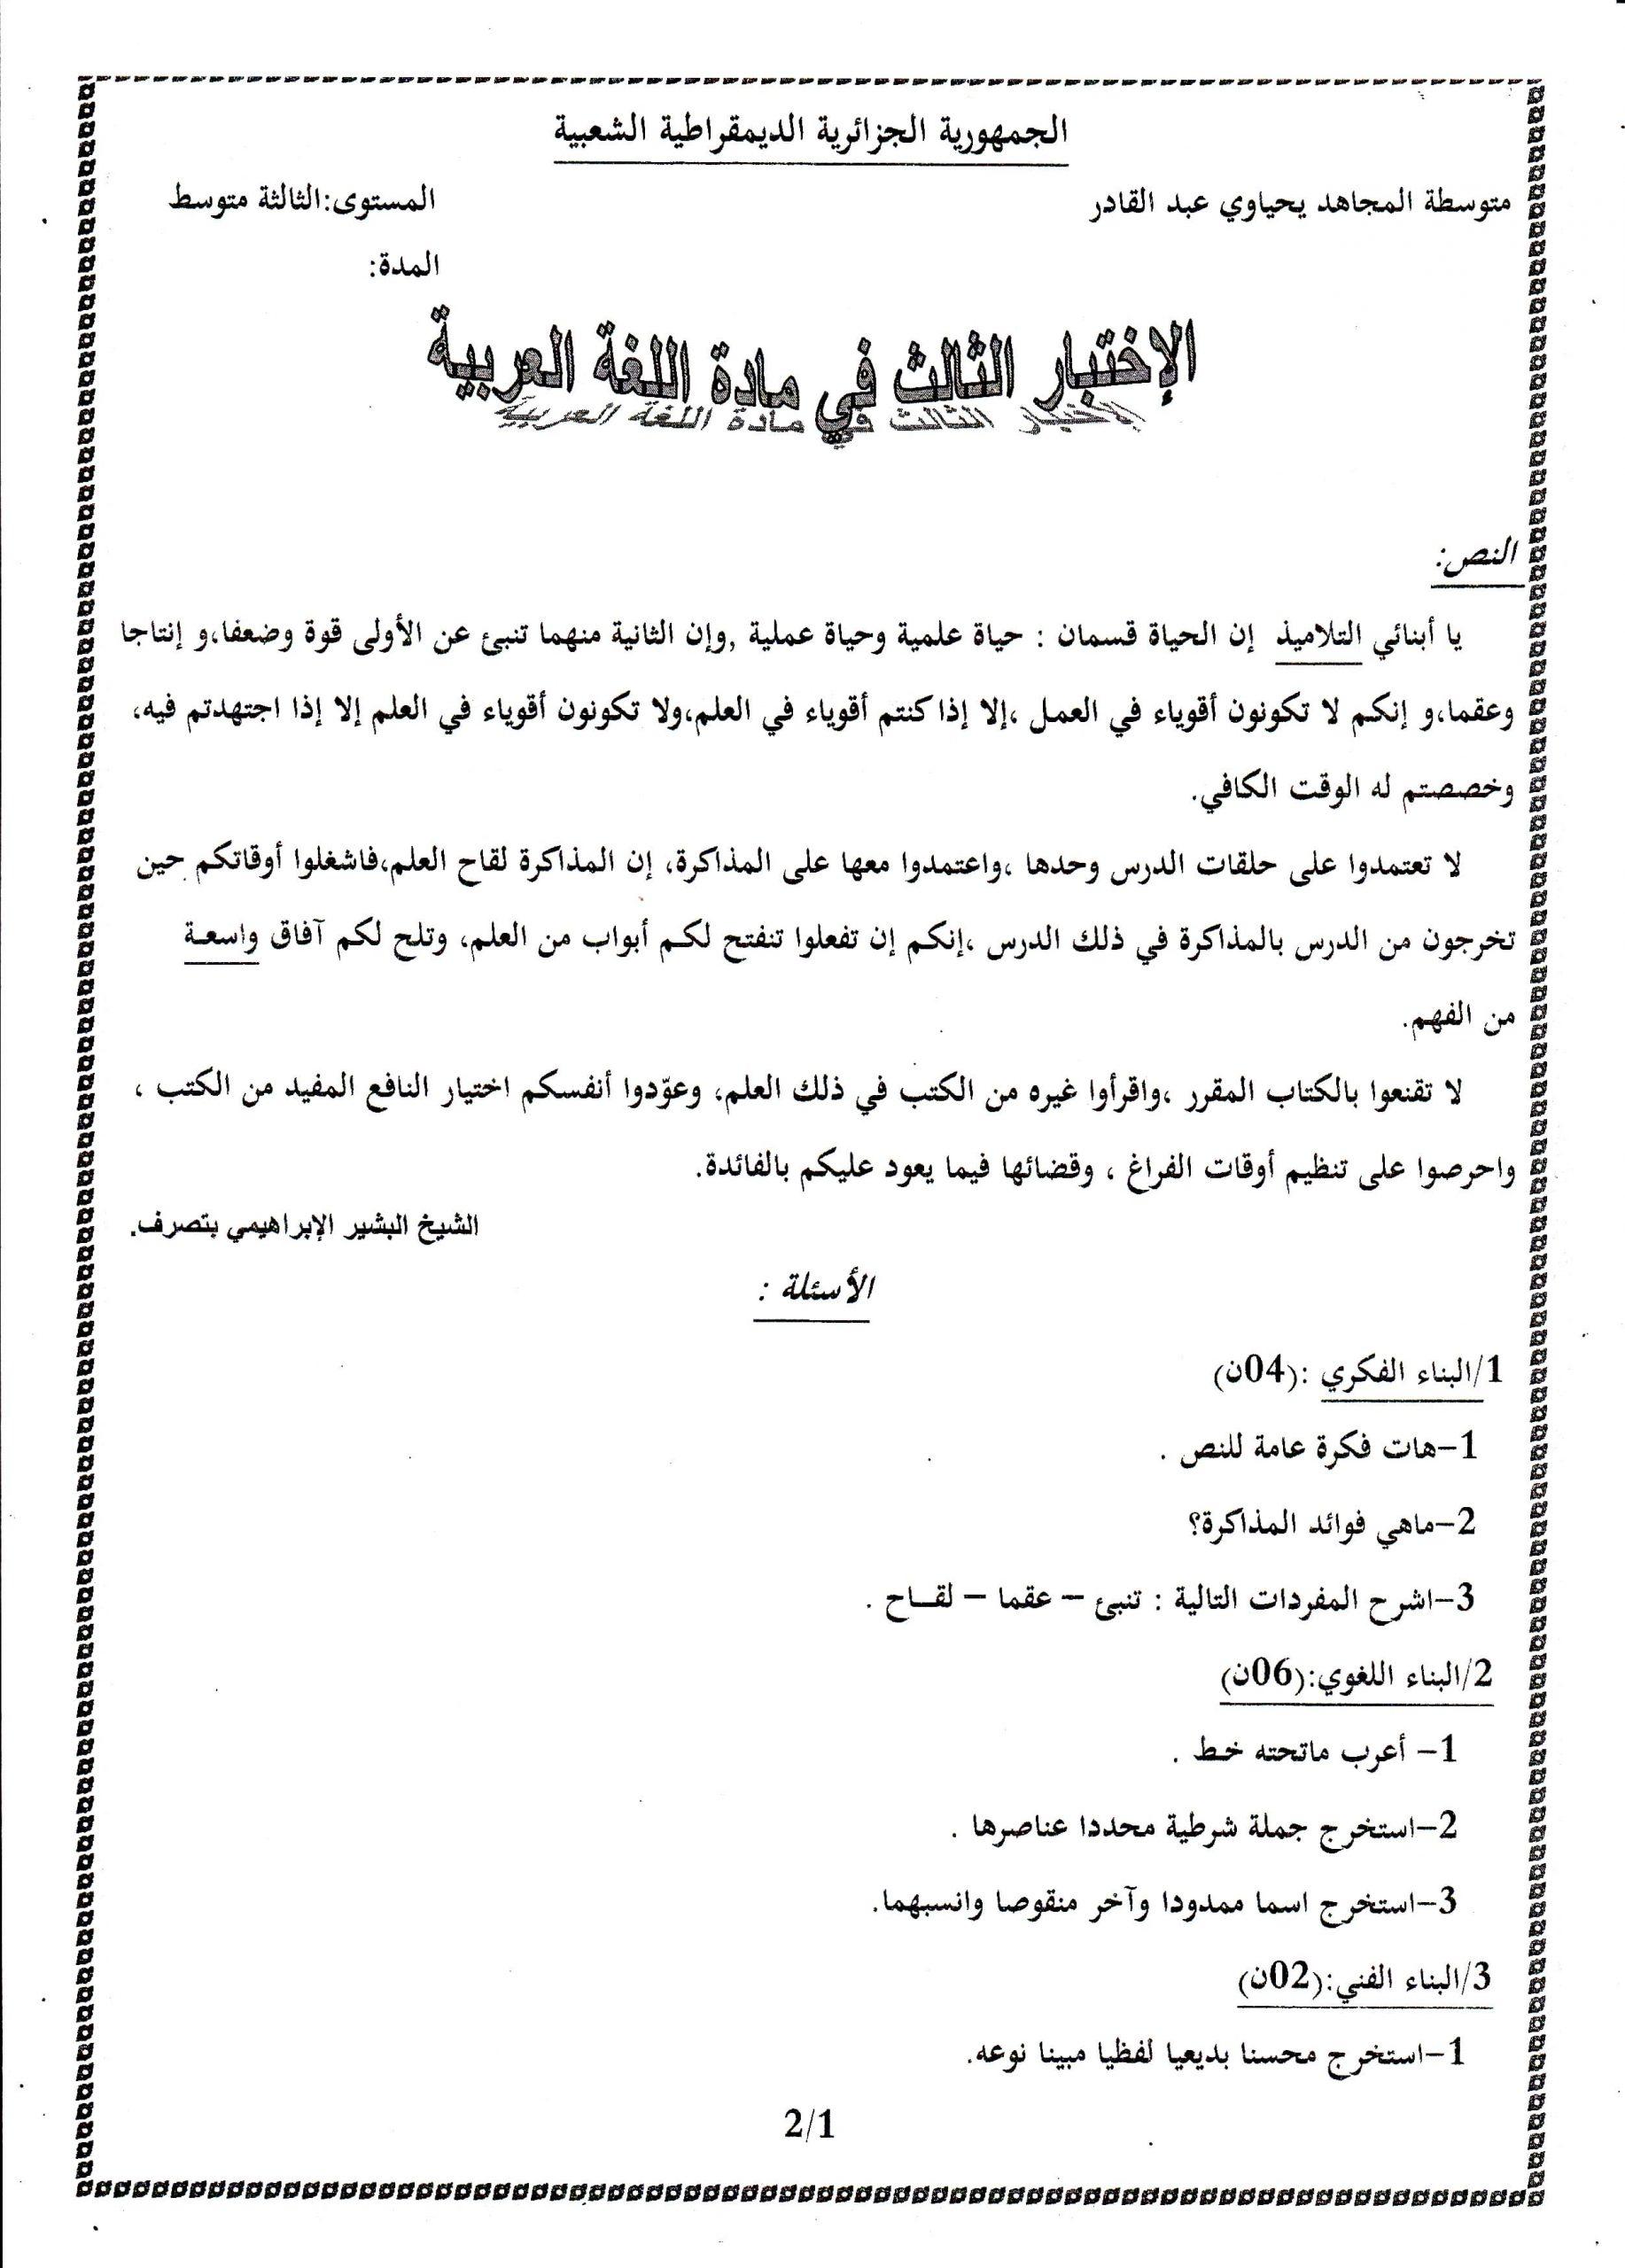 اختبار الفصل الثالث في اللغة العربية السنة الثالثة متوسط | الموضوع 05